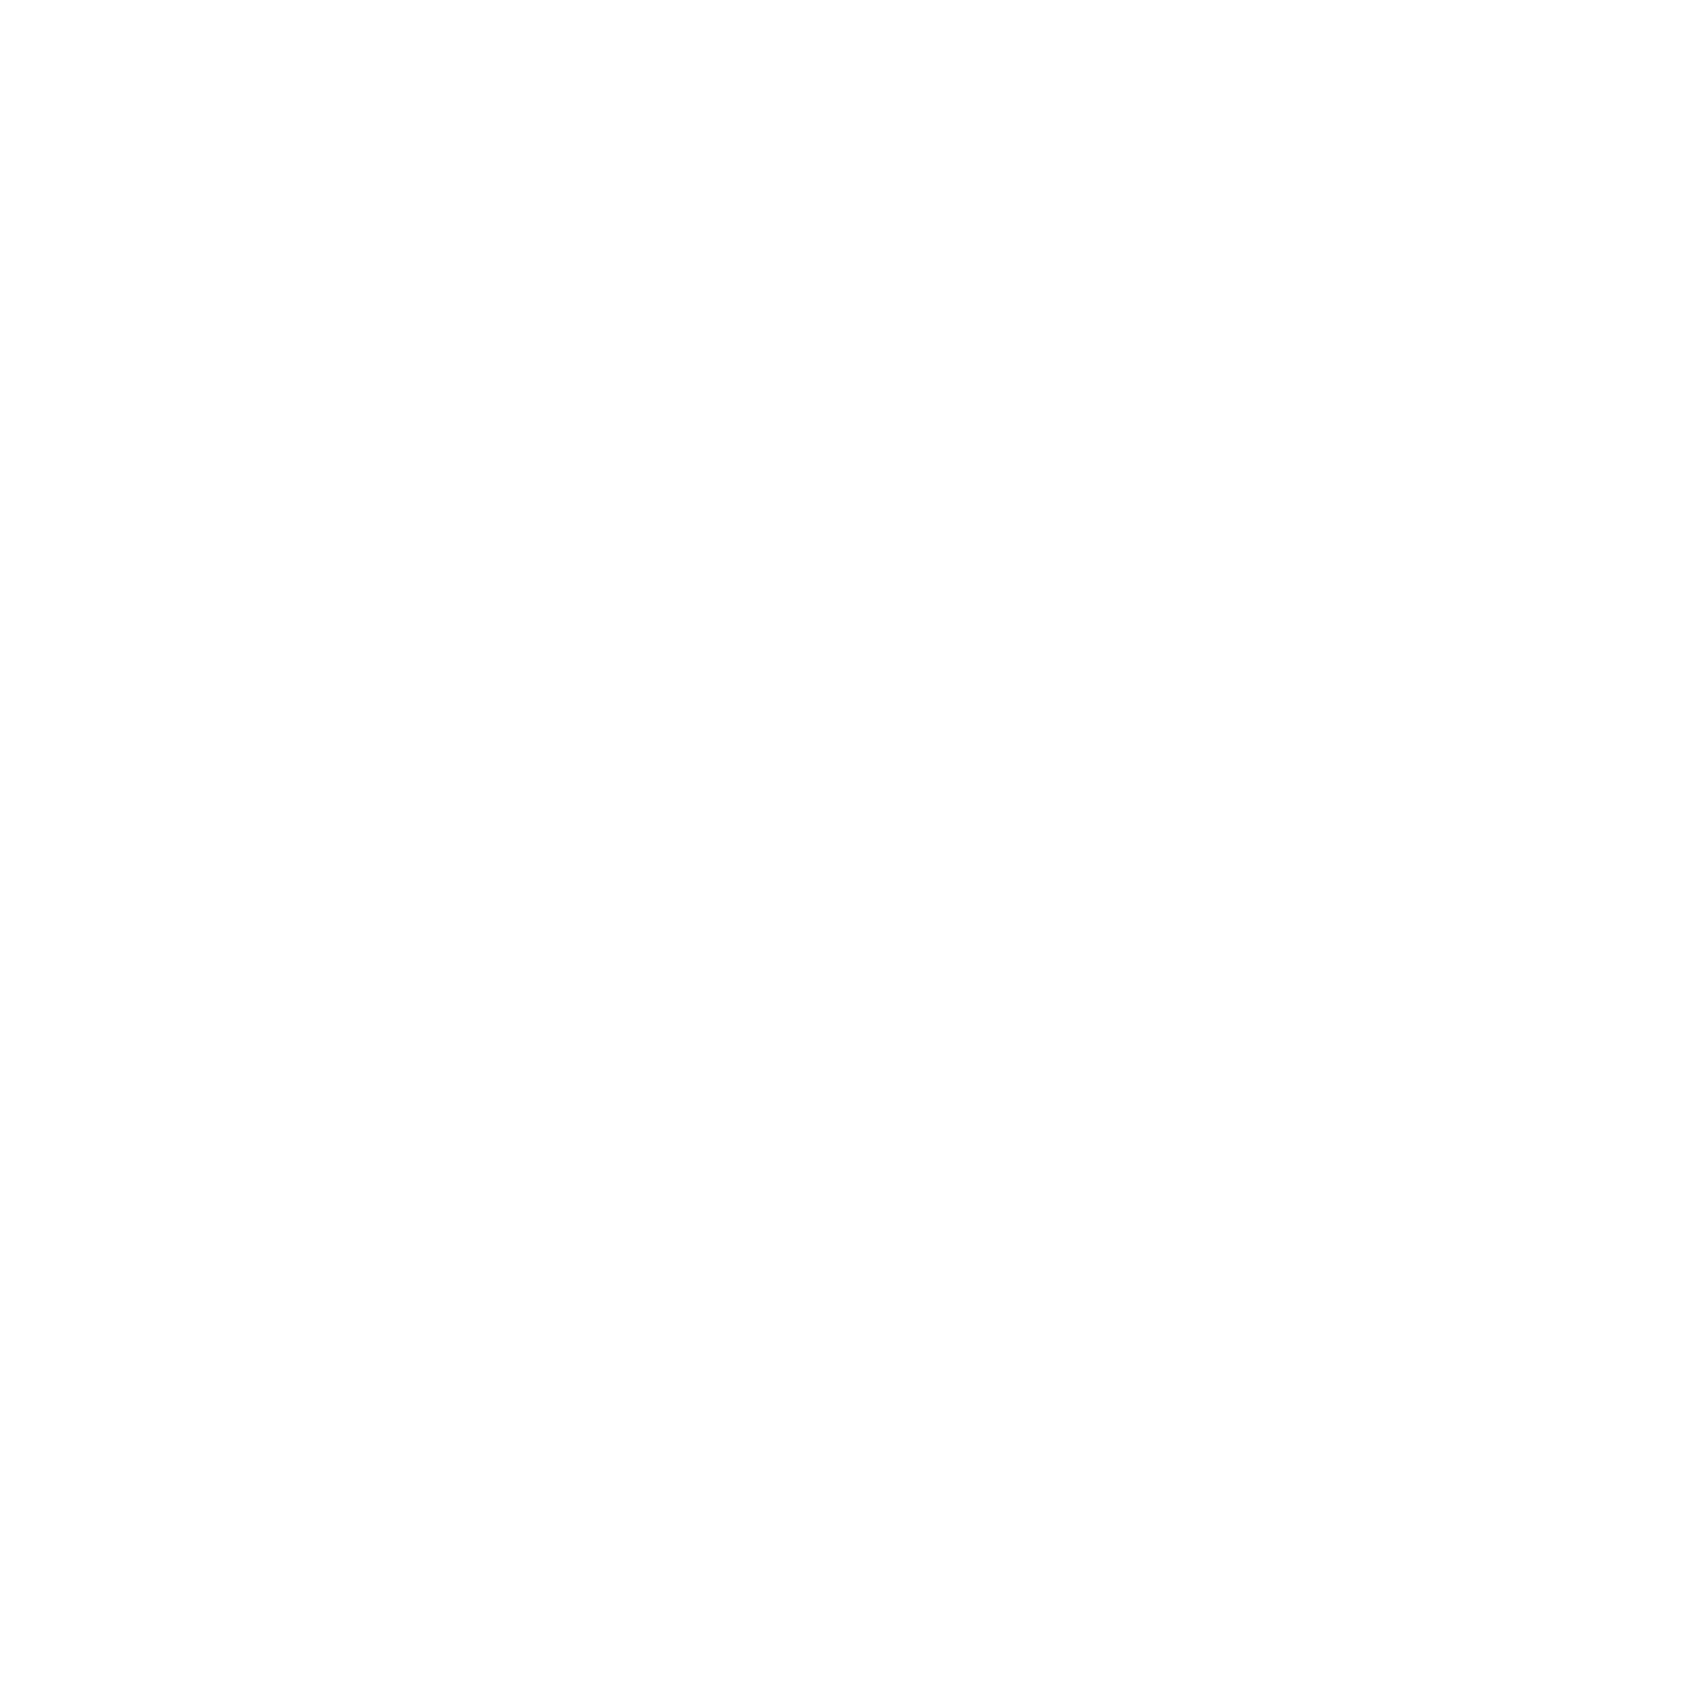 Vorarlberg Freeski_Signe_weiss